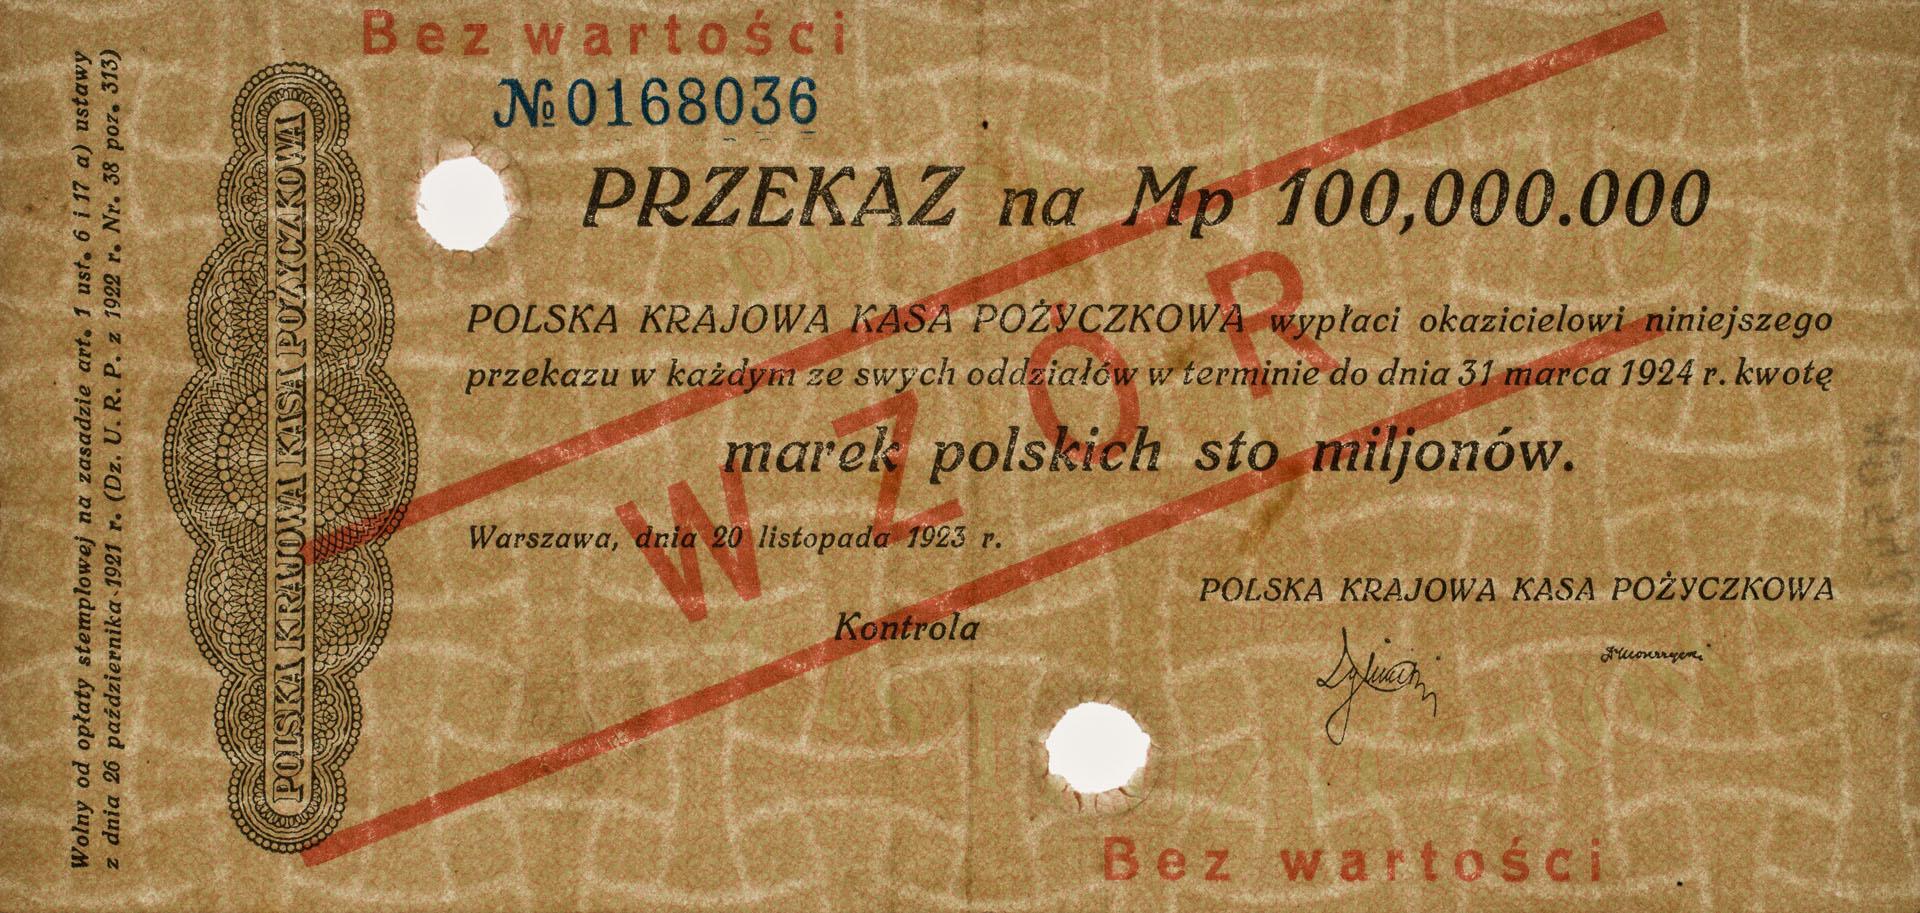 Przekaz 100.000.000 marek polskich